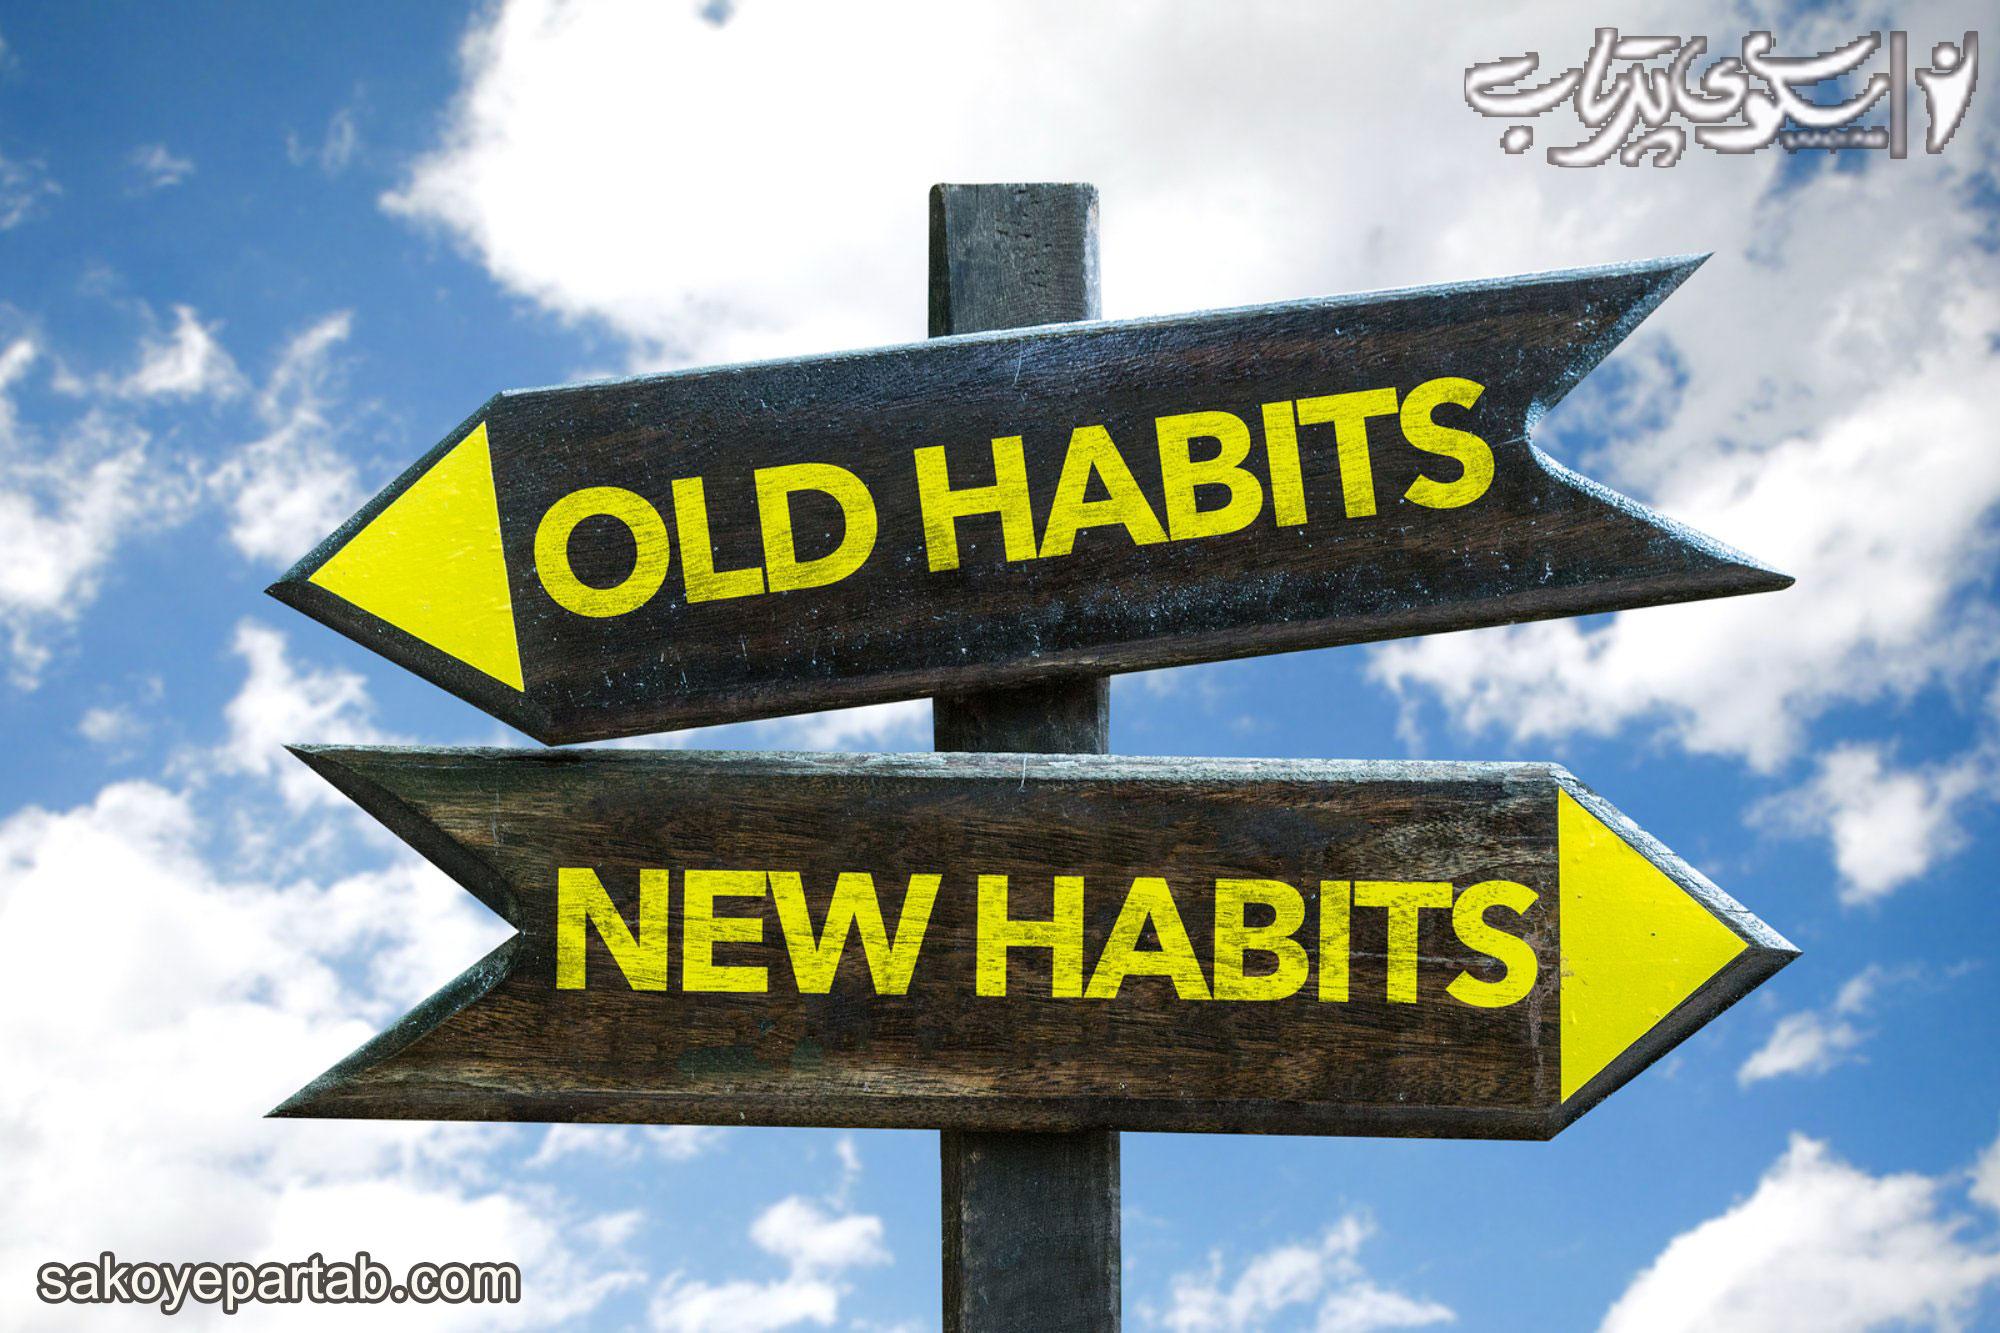 افکار مزاحم، روش ترک عادتها